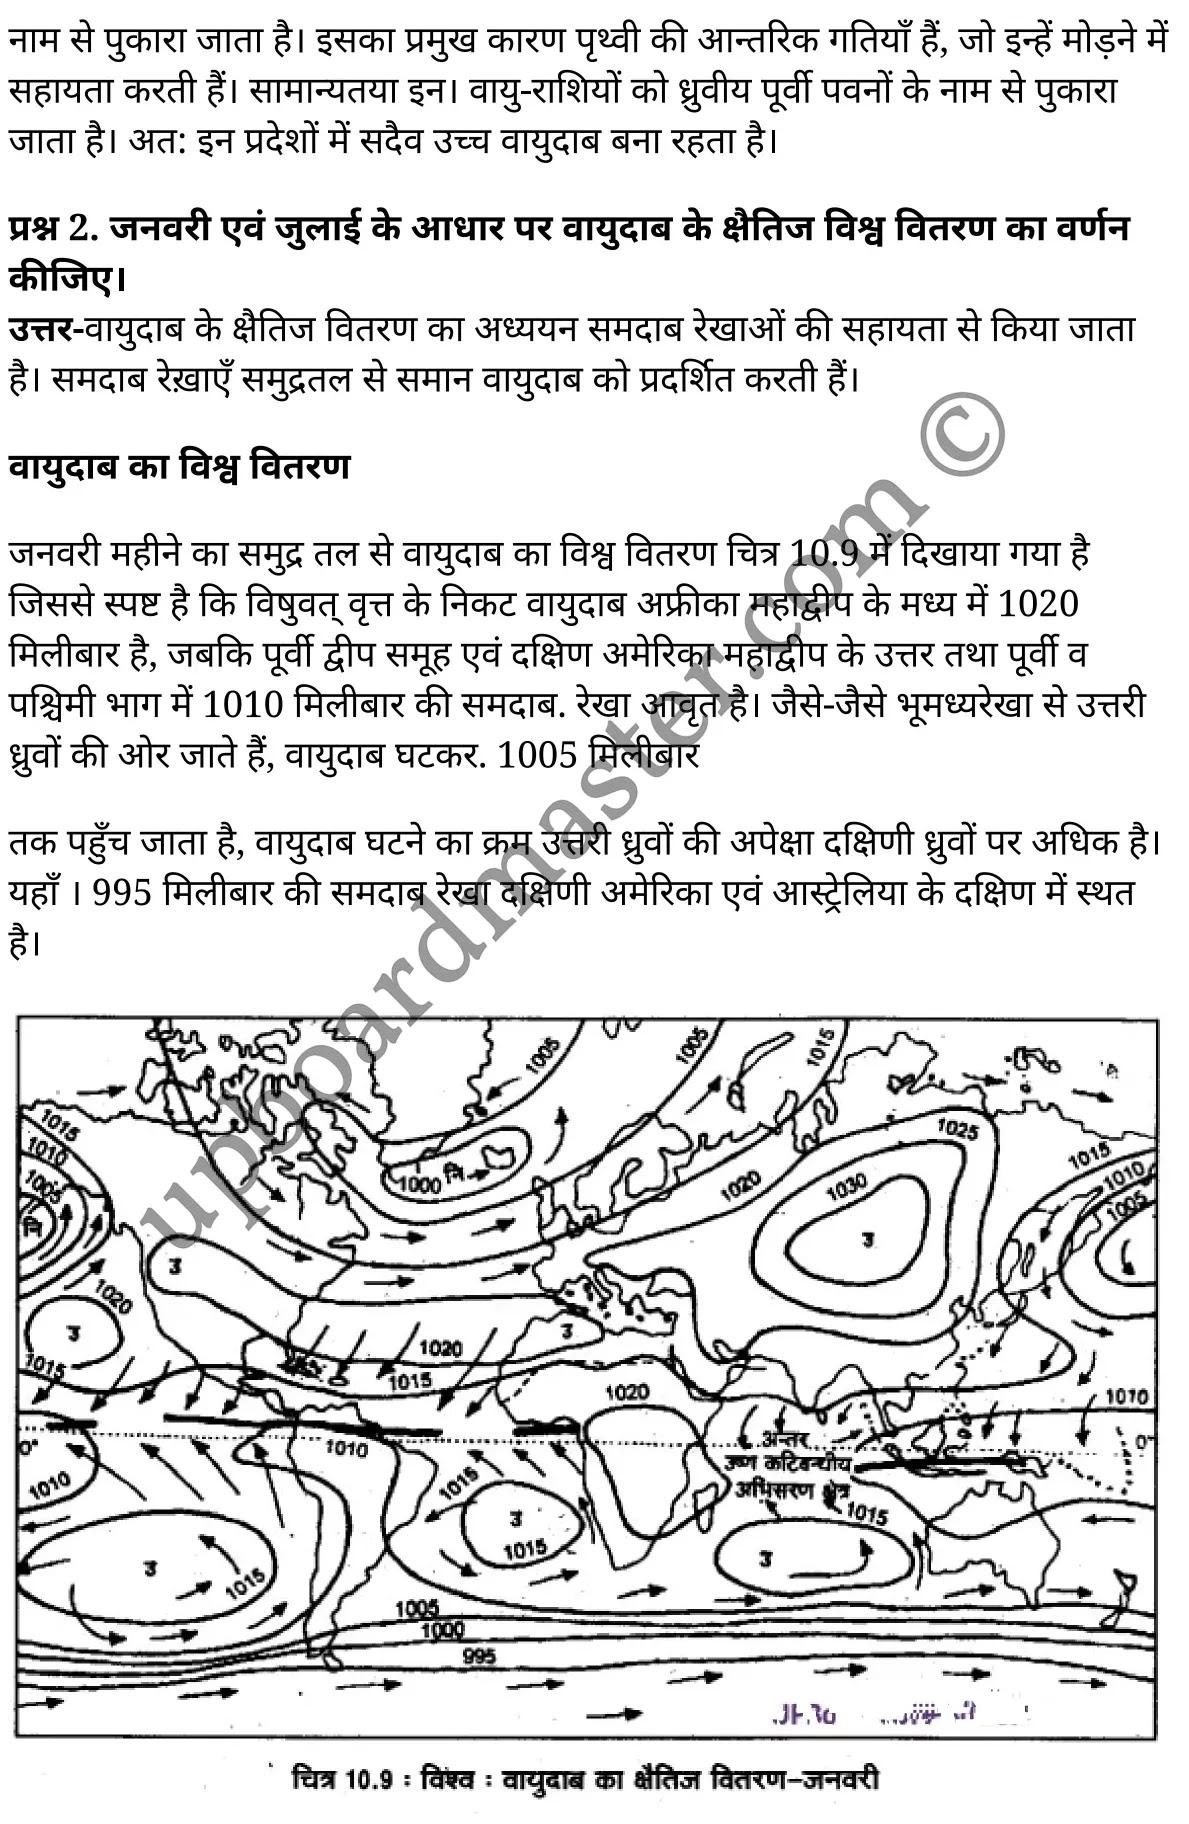 कक्षा 11 भूगोल अध्याय 10  के नोट्स  हिंदी में एनसीईआरटी समाधान,   class 11 geography chapter 10,  class 11 geography chapter 10 ncert solutions in geography,  class 11 geography chapter 10 notes in hindi,  class 11 geography chapter 10 question answer,  class 11 geography  chapter 10 notes,  class 11 geography  chapter 10 class 11 geography  chapter 10 in  hindi,   class 11 geography chapter 10 important questions in  hindi,  class 11 geography hindi  chapter 10 notes in hindi,   class 11 geography  chapter 10 test,  class 11 sahityik hindi  chapter 10 class 11 geography  chapter 10 pdf,  class 11 geography chapter 10 notes pdf,  class 11 geography  chapter 10 exercise solutions,  class 11 geography  chapter 10, class 11 geography  chapter 10 notes study rankers,  class 11 geography  chapter 10 notes,  class 11 geography hindi  chapter 10 notes,   class 11 geography chapter 10  class 11  notes pdf,  class 11 geography  chapter 10 class 11  notes  ncert,  class 11 geography  chapter 10 class 11 pdf,  class 11 geography chapter 10  book,  class 11 geography chapter 10 quiz class 11  ,     11  th class 11 geography chapter 10    book up board,   up board 11  th class 11 geography chapter 10 notes,  कक्षा 11 भूगोल अध्याय 10 , कक्षा 11 भूगोल, कक्षा 11 भूगोल अध्याय 10  के नोट्स हिंदी में, कक्षा 11 का भूगोल अध्याय 10 का प्रश्न उत्तर, कक्षा 11 भूगोल अध्याय 10 के नोट्स, 11 कक्षा भूगोल 10  हिंदी में,कक्षा 11 भूगोल अध्याय 10  हिंदी में, कक्षा 11 भूगोल अध्याय 10  महत्वपूर्ण प्रश्न हिंदी में,कक्षा 11 भूगोल  हिंदी के नोट्स  हिंदी में,भूगोल हिंदी कक्षा 11 नोट्स pdf,   भूगोल हिंदी  कक्षा 11 नोट्स 2021 ncert,  भूगोल हिंदी  कक्षा 11 pdf,  भूगोल हिंदी  पुस्तक,  भूगोल हिंदी की बुक,  भूगोल हिंदी  प्रश्नोत्तरी class 11 , 11   वीं भूगोल  पुस्तक up board,  बिहार बोर्ड 11  पुस्तक वीं भूगोल नोट्स,   भूगोल  कक्षा 11 नोट्स 2021 ncert,  भूगोल  कक्षा 11 pdf,  भूगोल  पुस्तक,  भूगोल की बुक,  भूगोल  प्रश्नोत्तरी class 11,   11th geography   book in hindi,11th geography notes in hindi,cbse books for